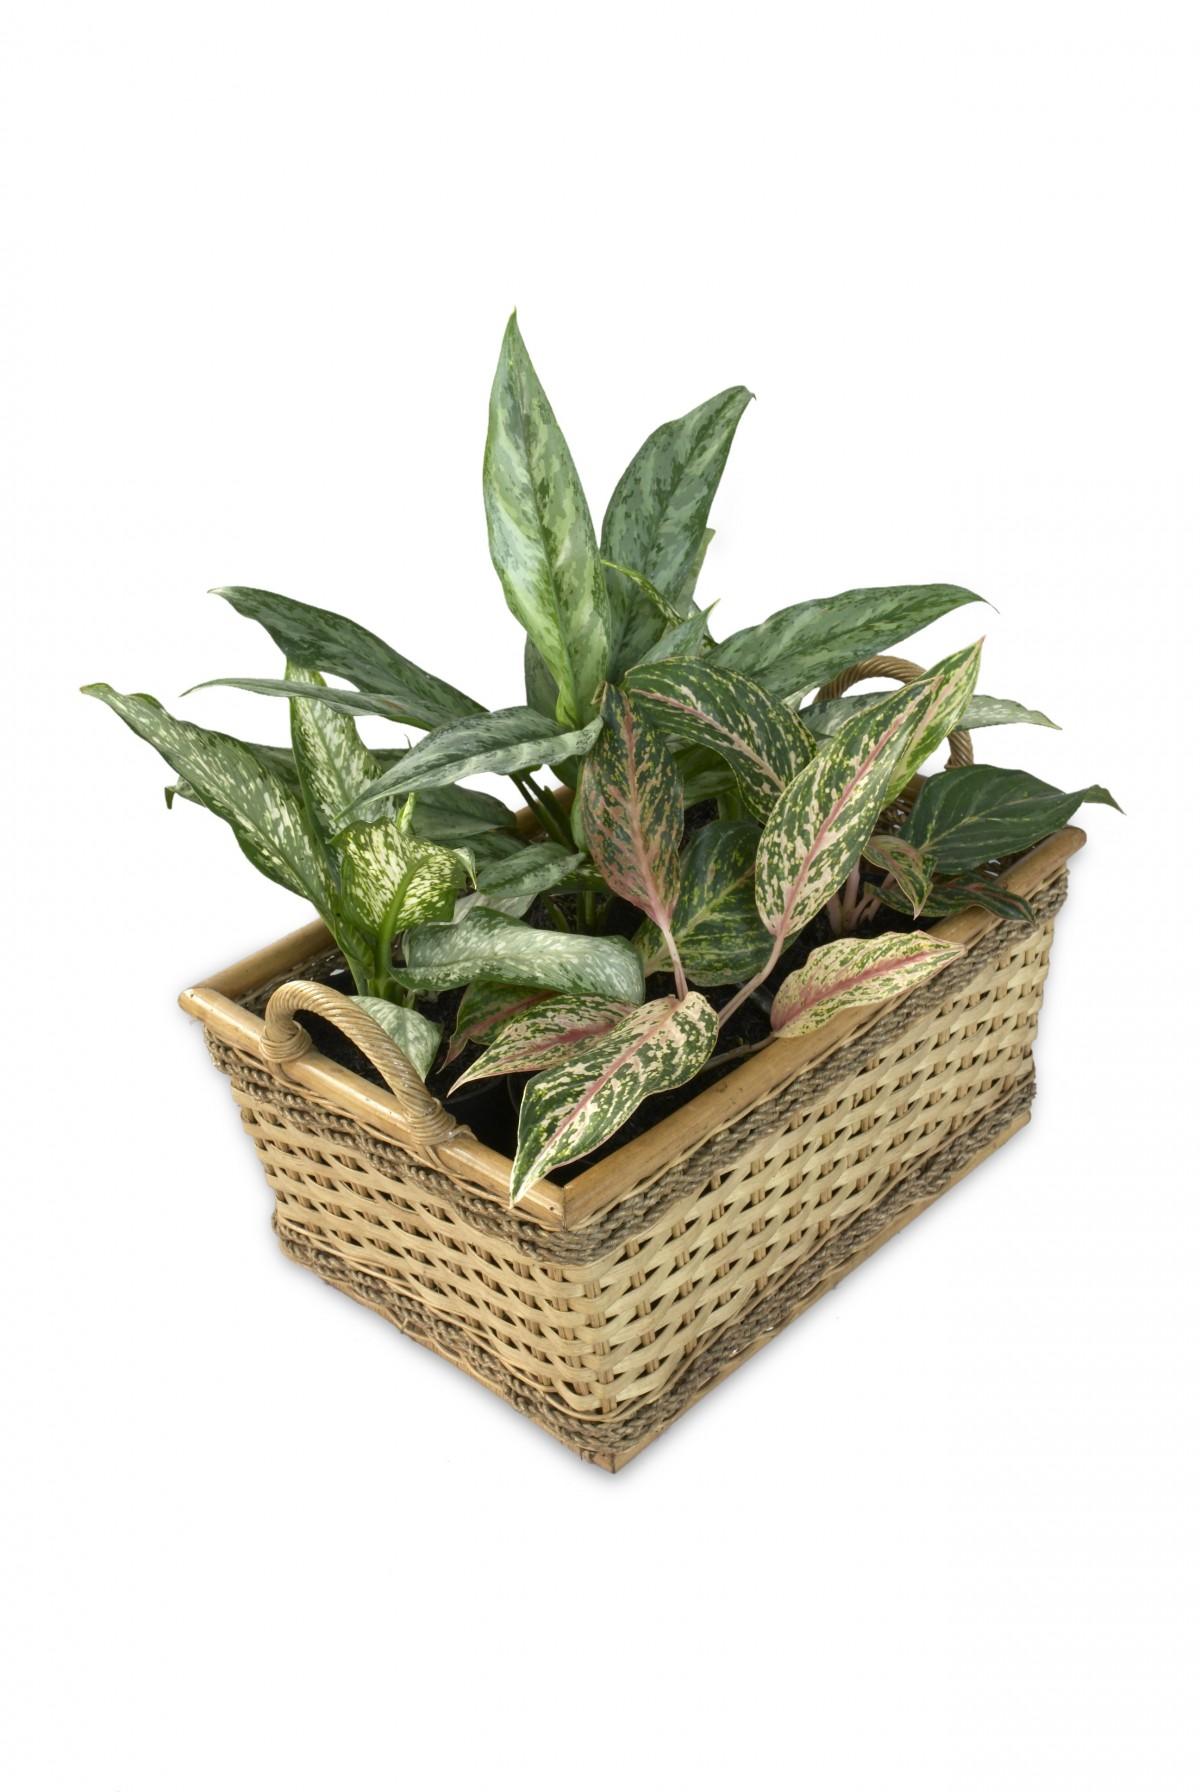 Banco de imagens plantar folha flor maconha verde for Planta ornamental venenosa dieffenbachia